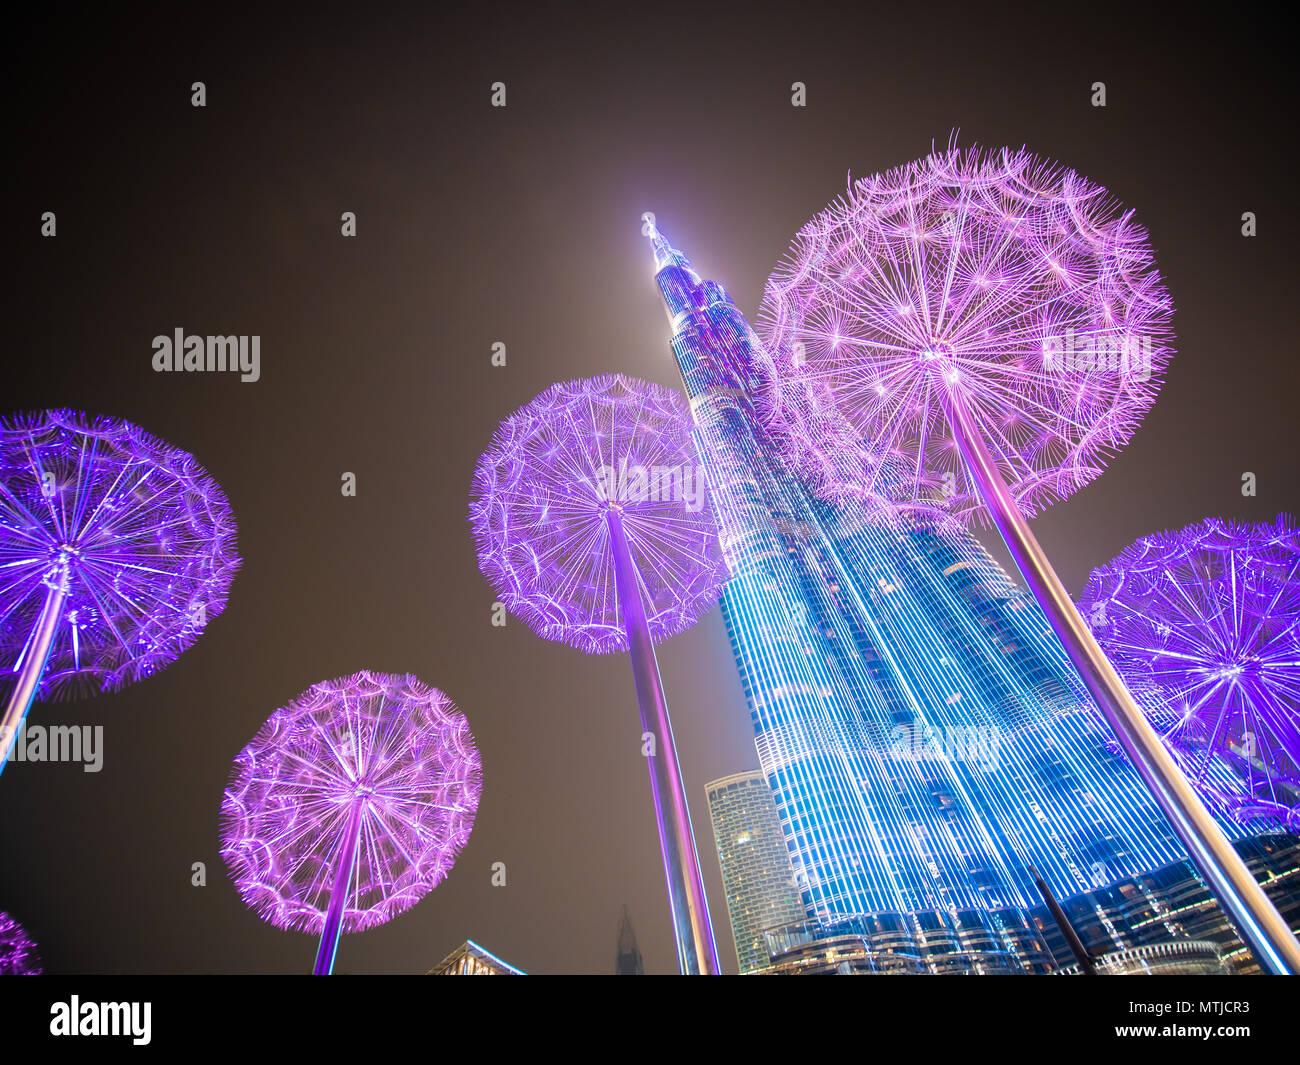 Dubai, VAE - 15. Mai 2018: Burj Khalifa am späten Abend vor dem Hintergrund von leuchtenden Löwenzahn. Stockbild